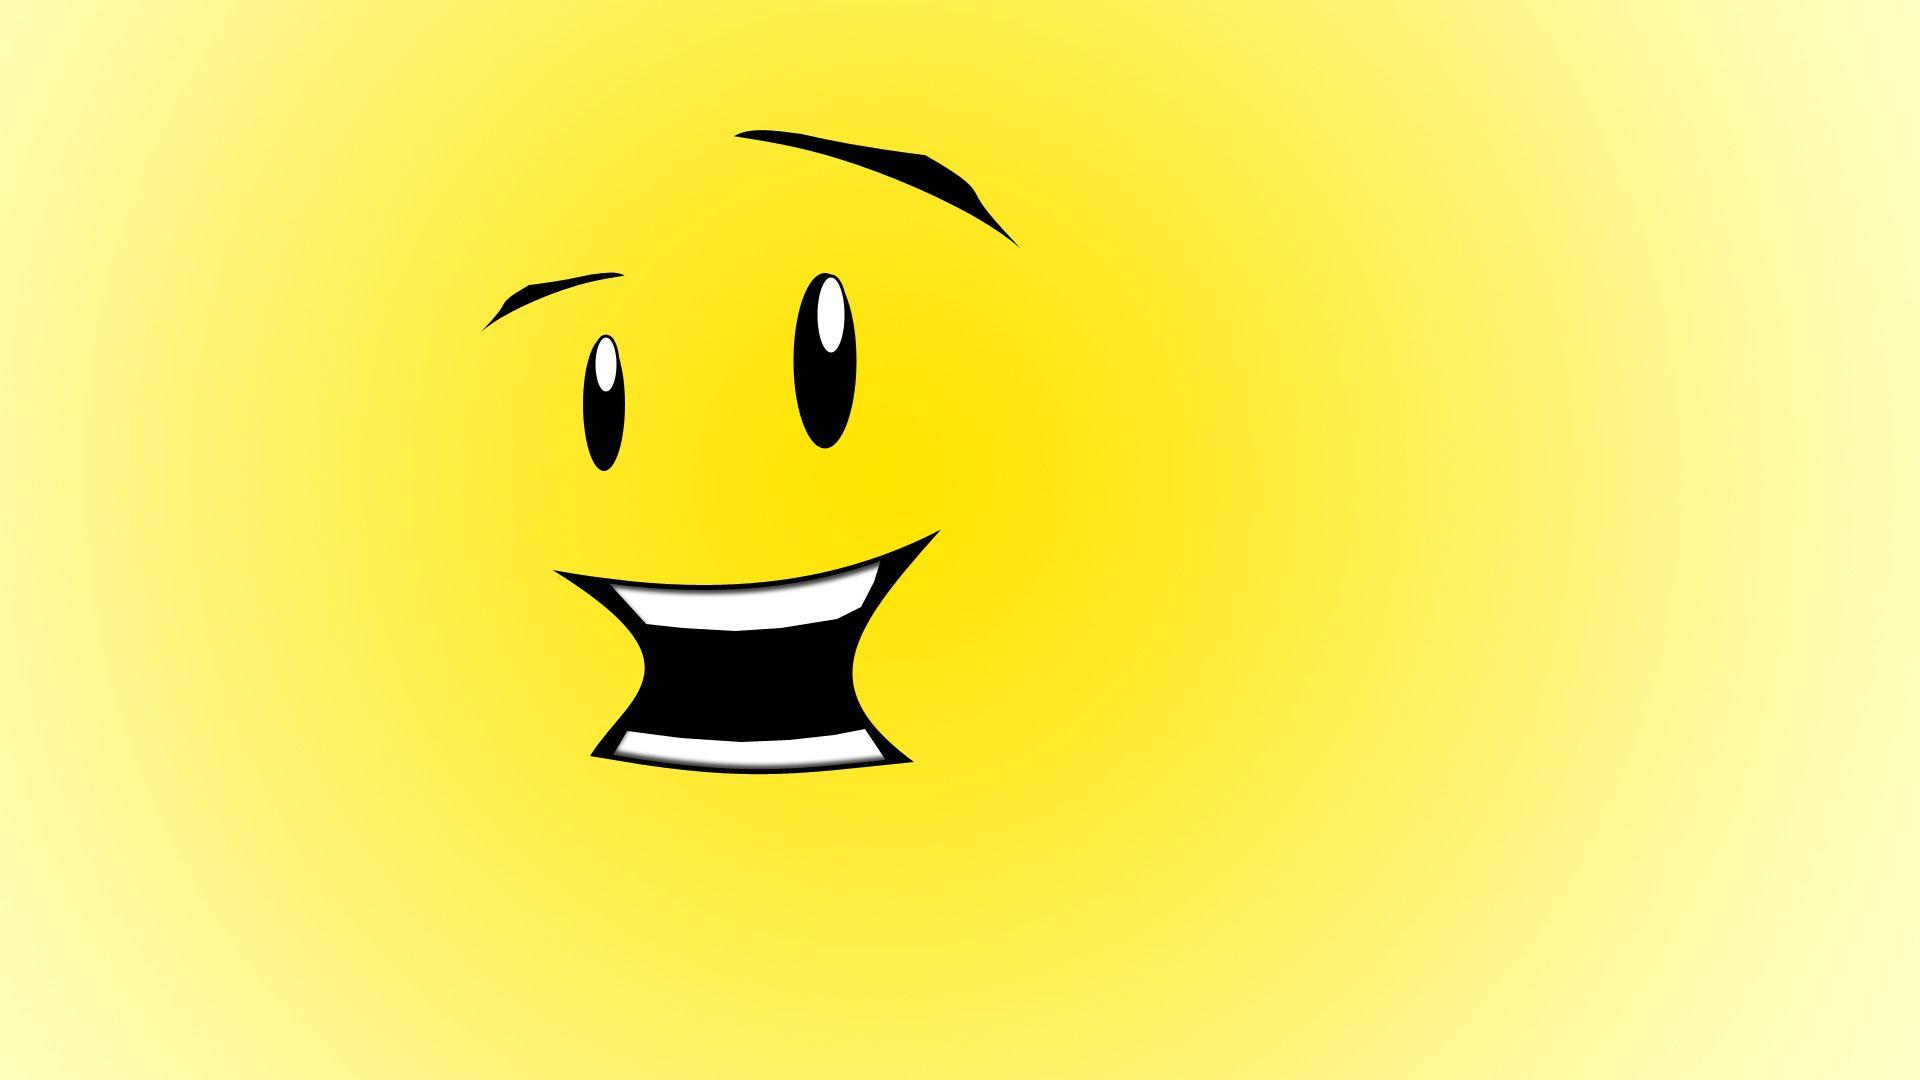 smiley face free wallpapers pinterest rh pinterest com Grenade Skull Wallpaper Grenade Portland